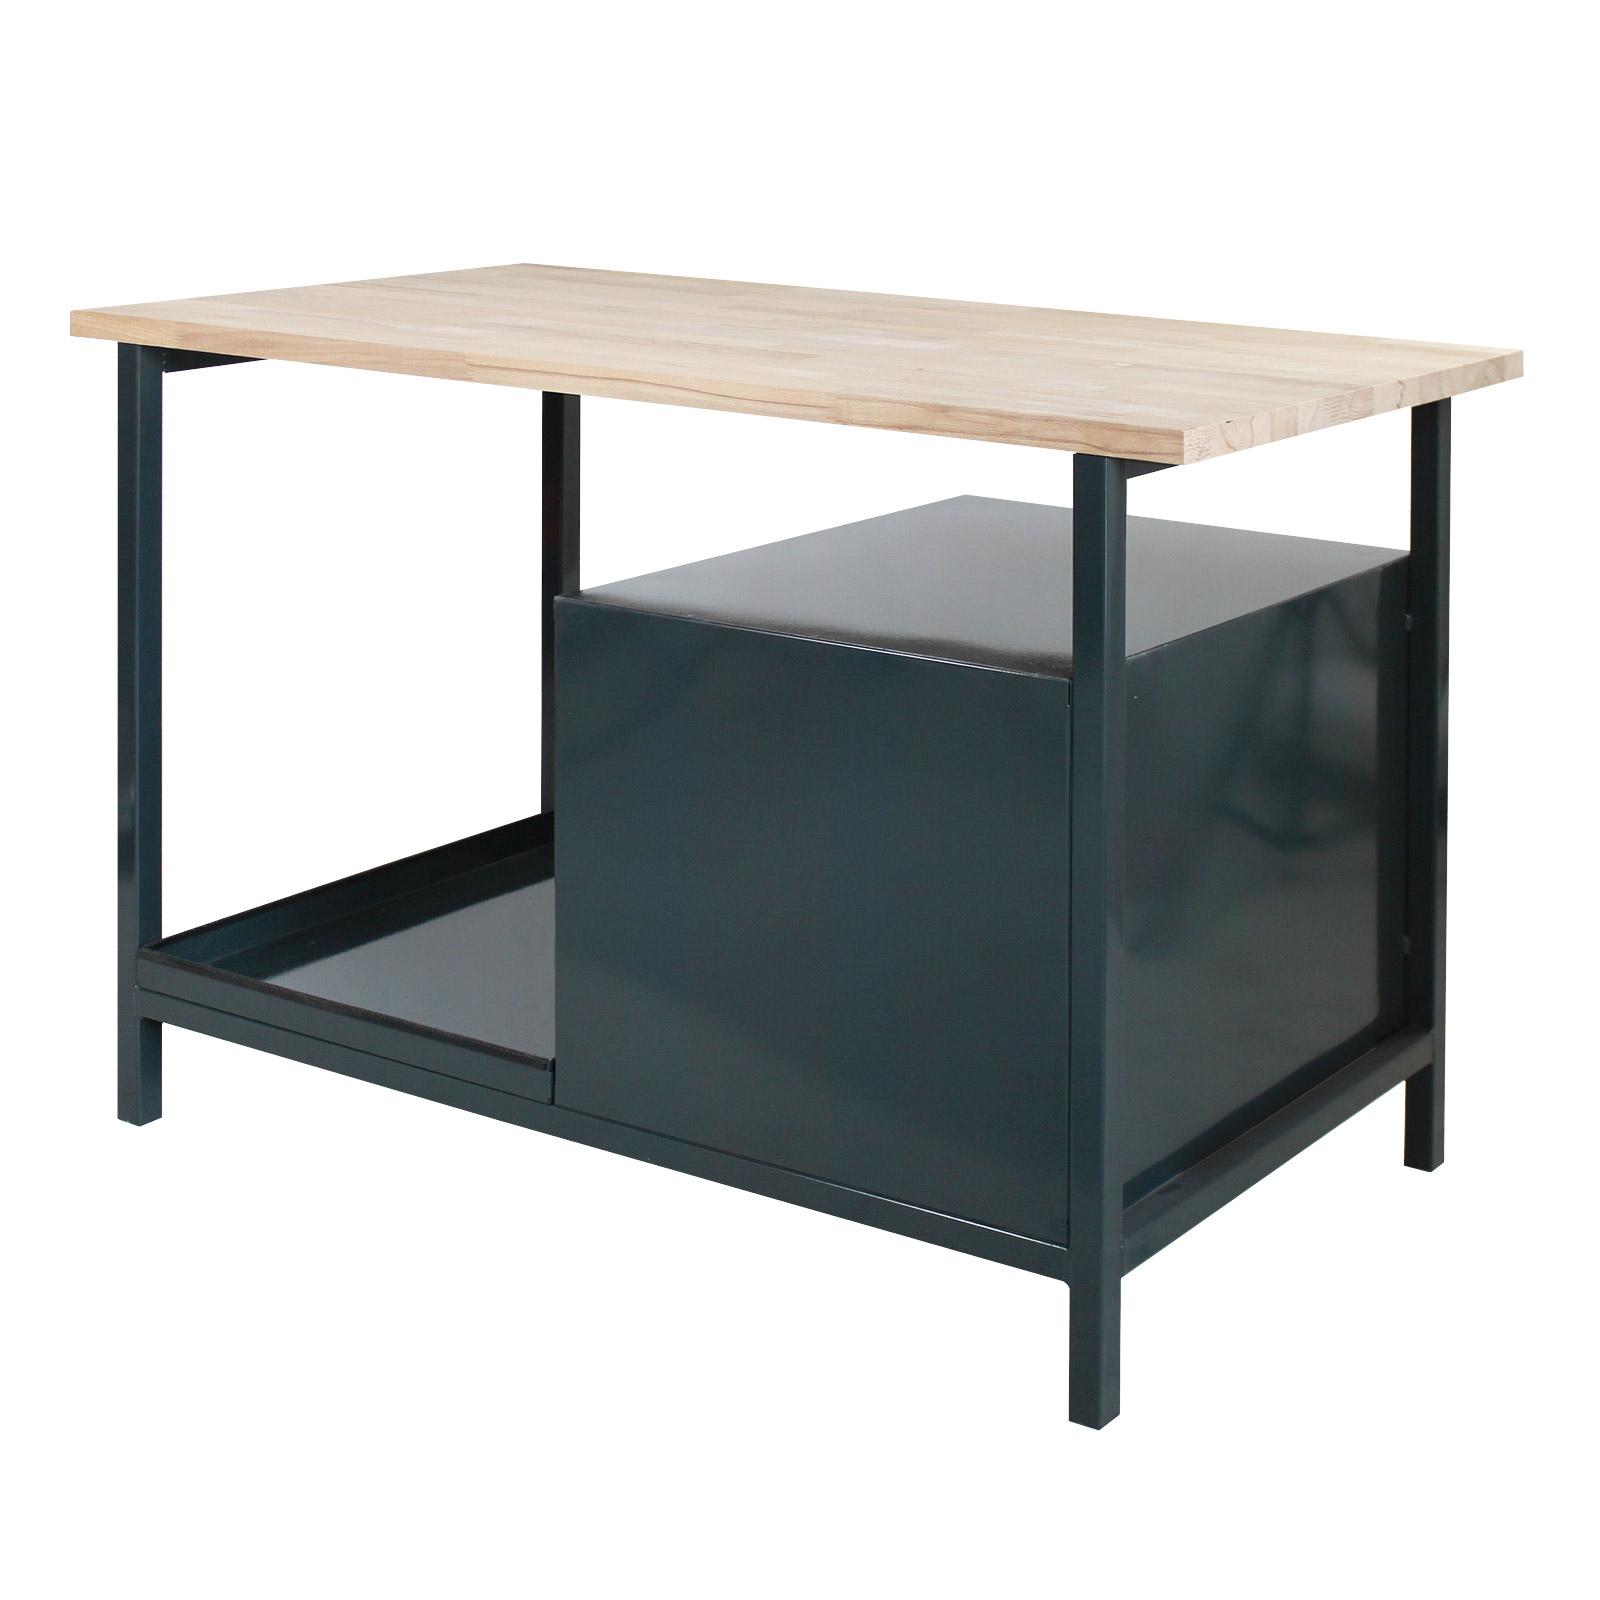 Dema Werkbank Werkstatt Arbeitstisch Eko 3S 120x60cm Arbeitsplatte 24903